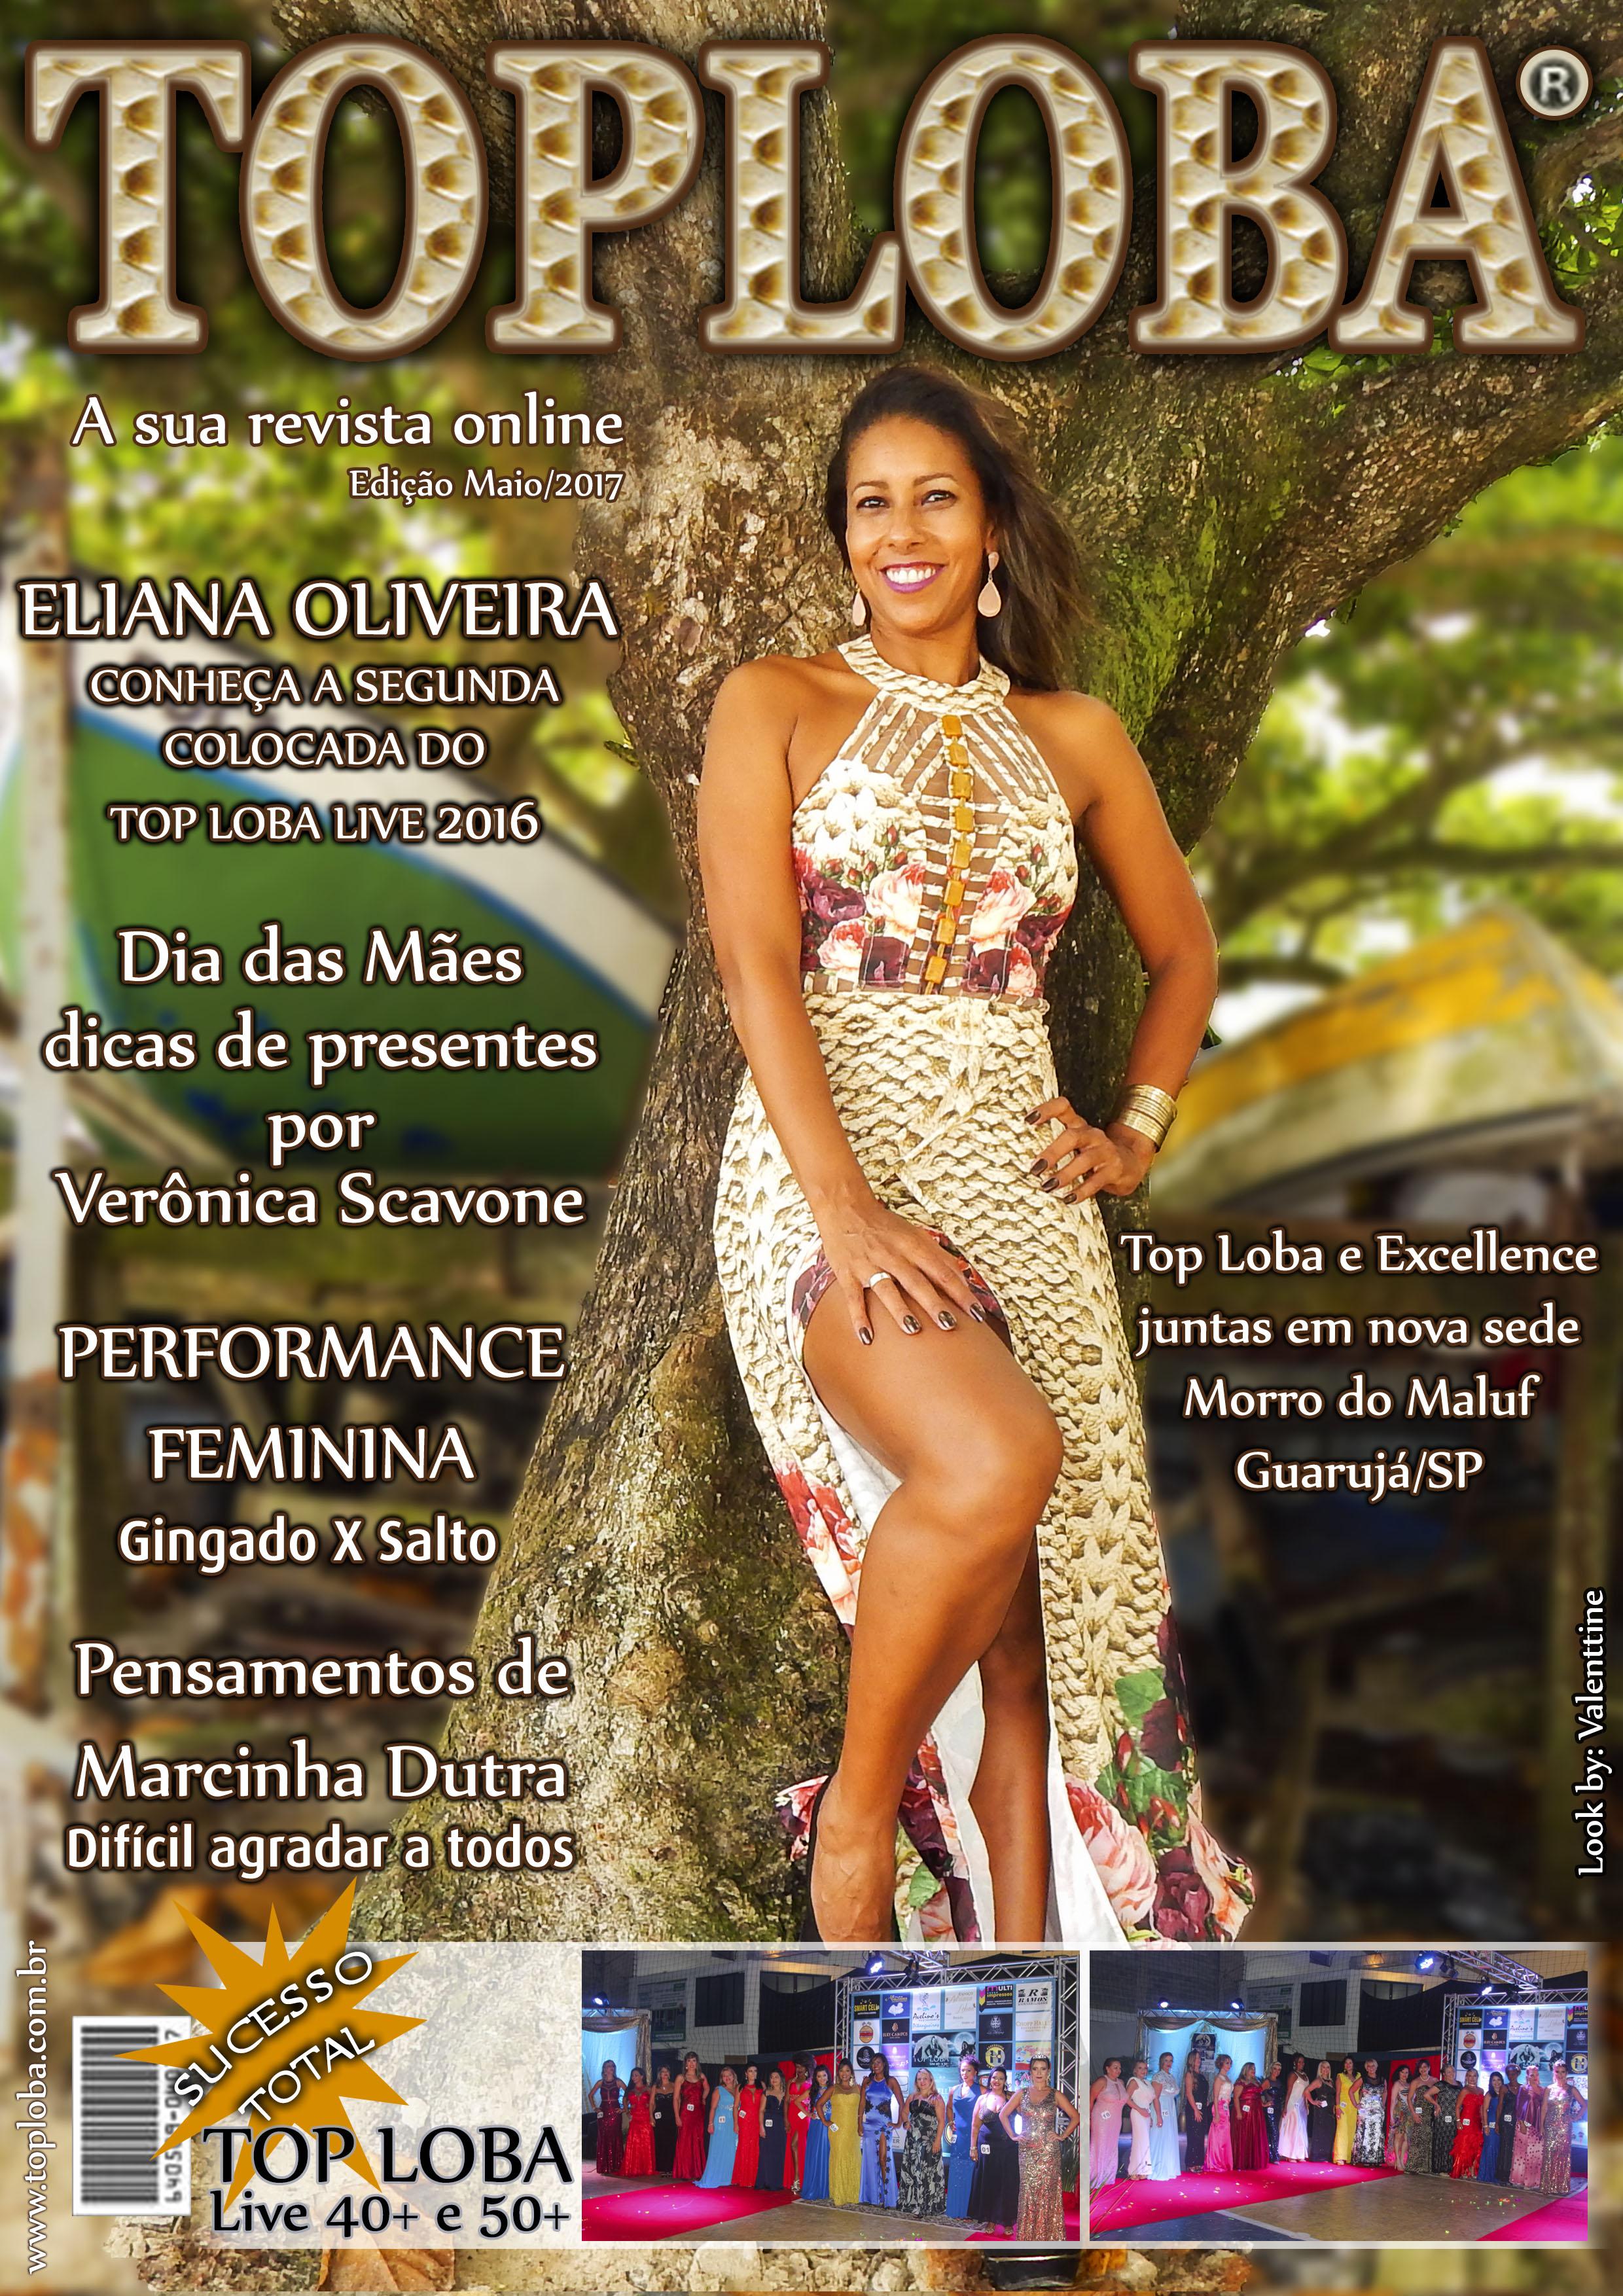 Capa Revista 05_17